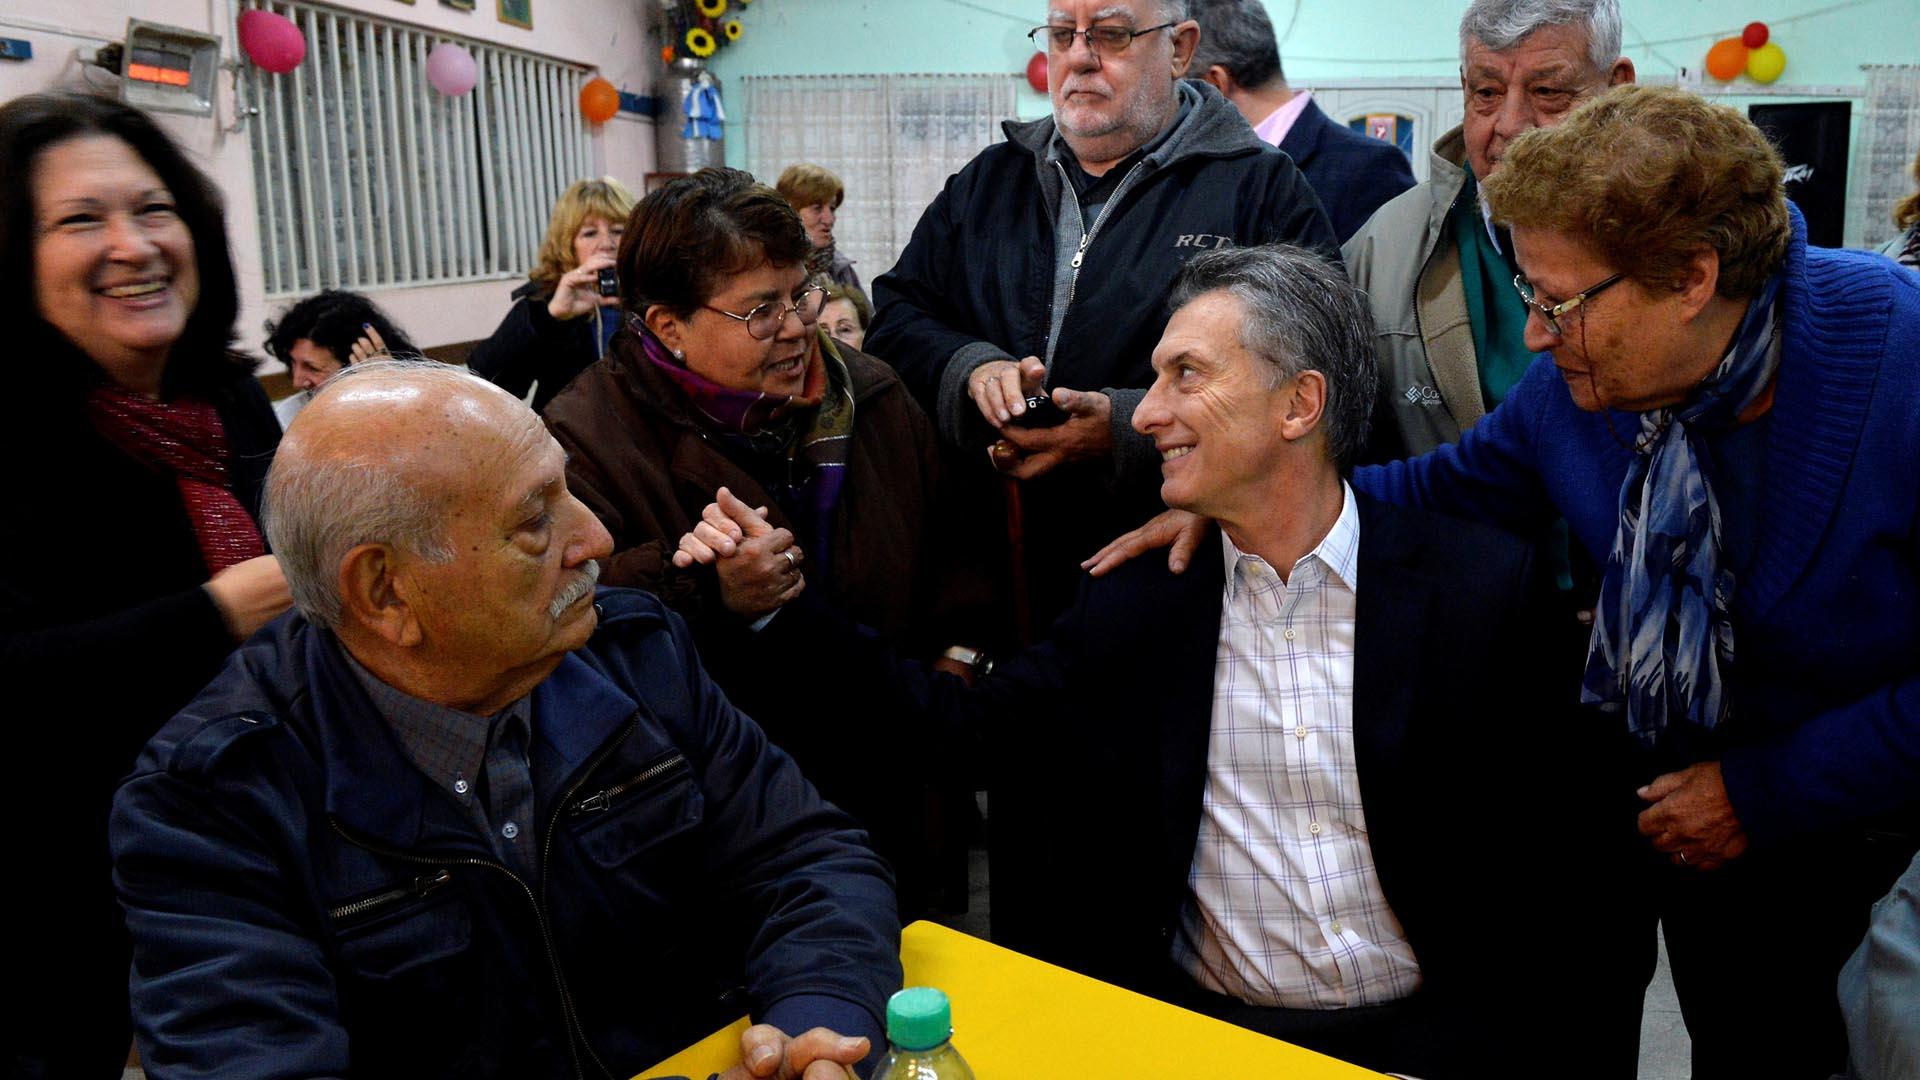 El presidente argentino inicia una gira europea en la que mantendrá reuniones en los principales puntos estratégicos